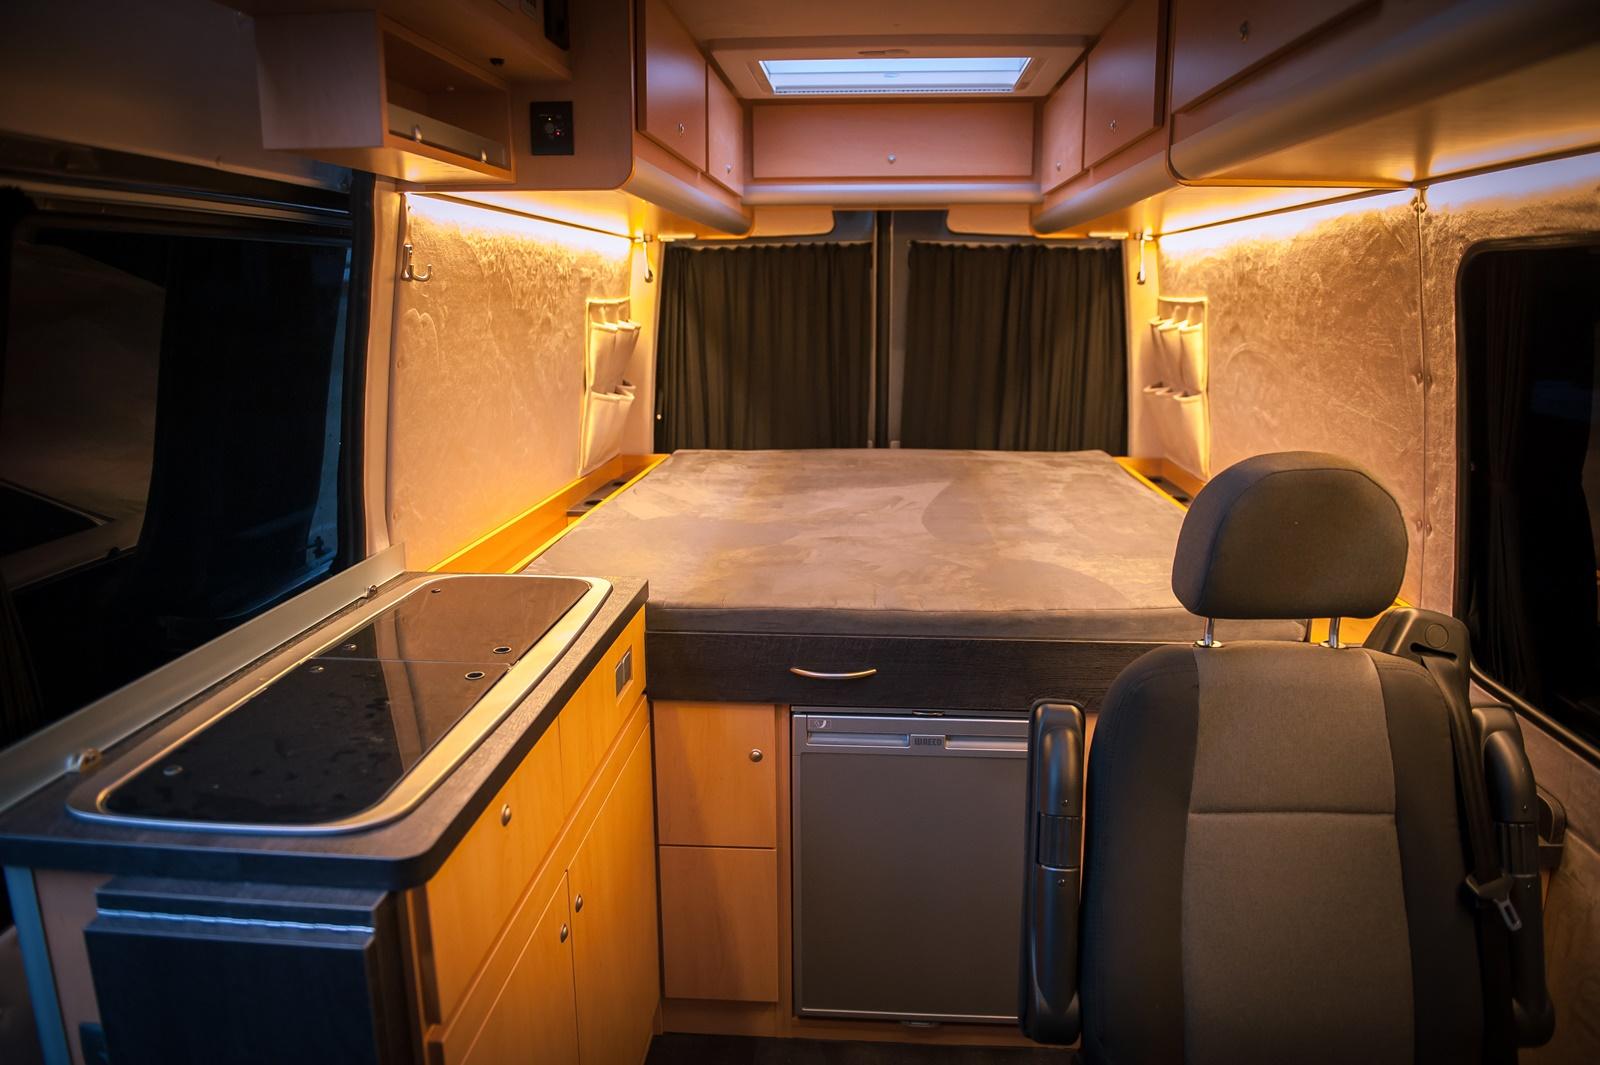 bs camperwerk ausbau jeglicher fahrzeuge zum wohnmobil reparaturen und wartungen f r alle. Black Bedroom Furniture Sets. Home Design Ideas